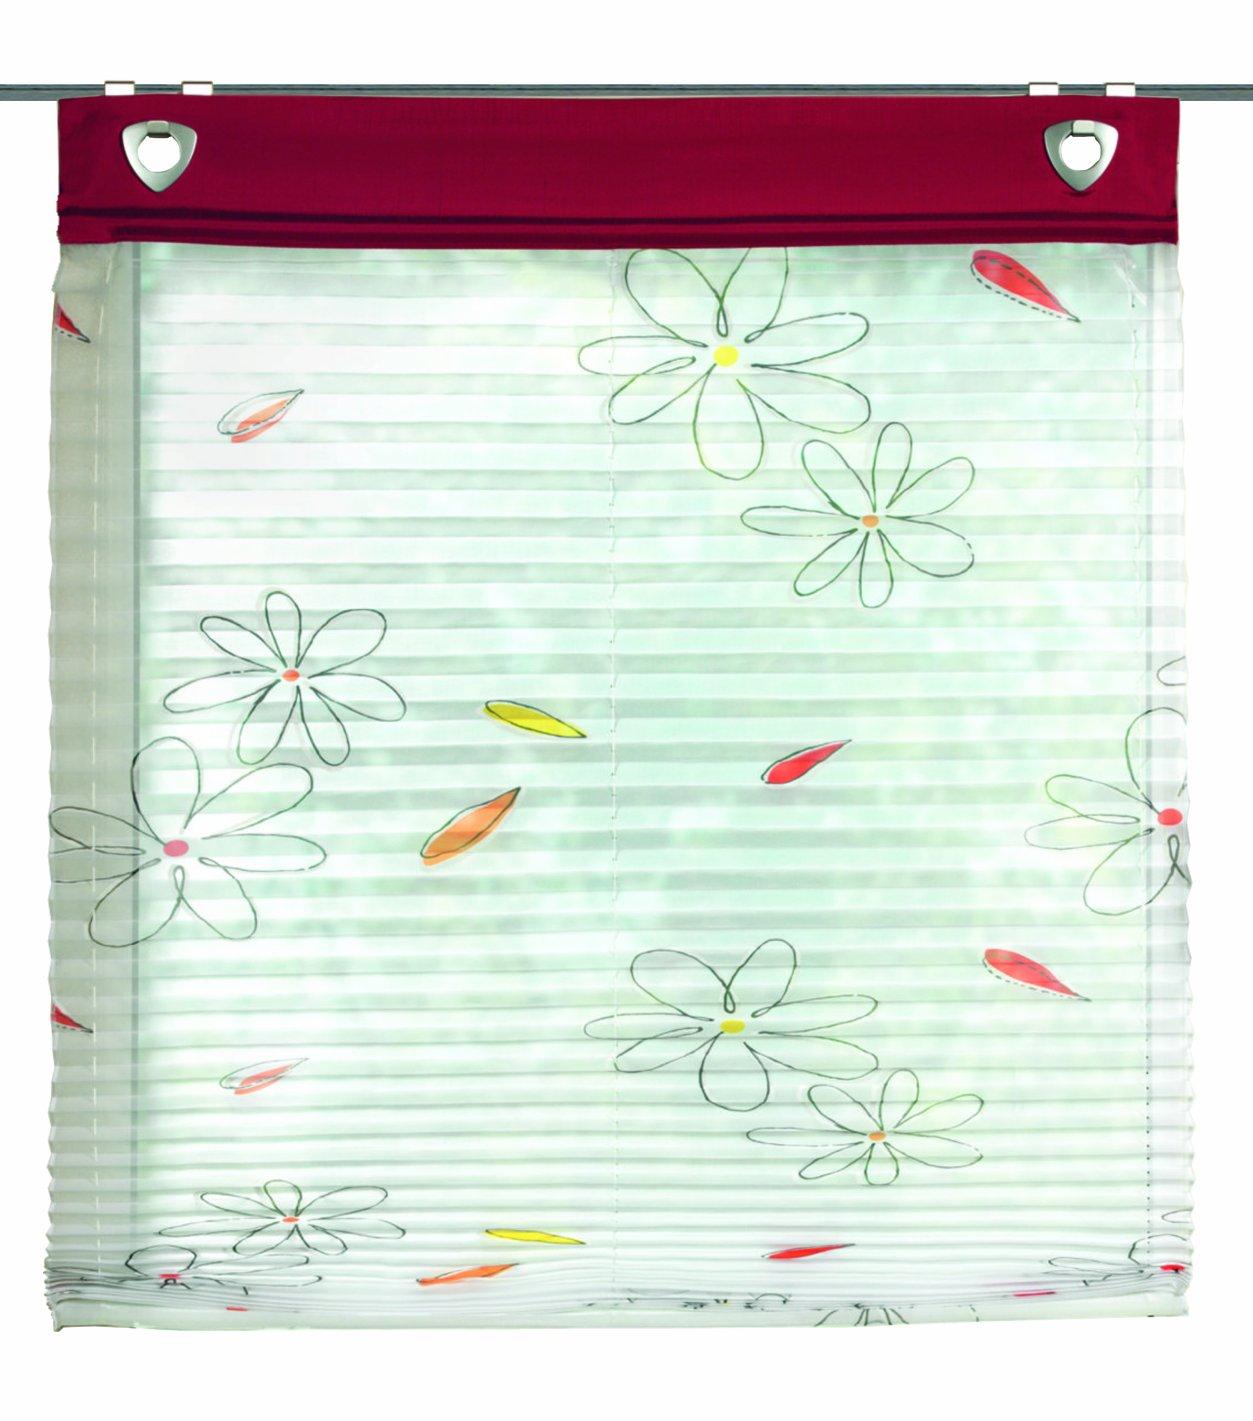 Home fashion Schmidtgard Stoffe Gesa - Tenda a pacchetto plissettata, in voile, con occhielli e ganci per il montaggio alla finestra, fantasia stampata, Poliestere, rosso, 140 x 45 cm 91447-607